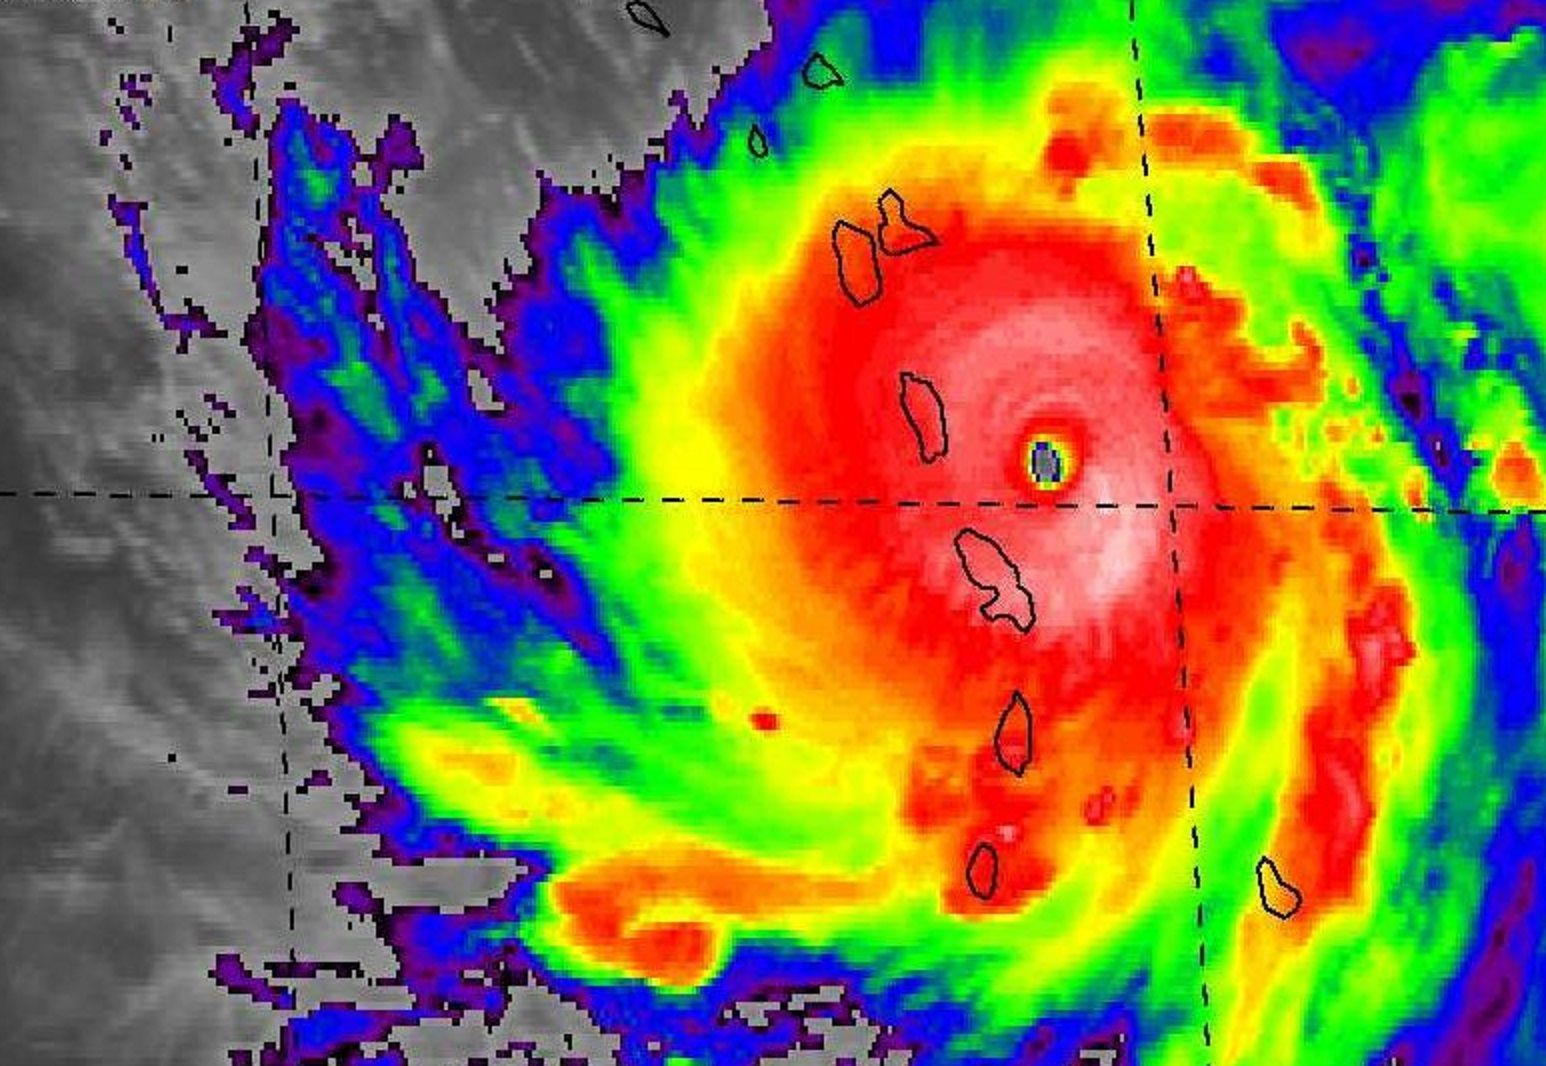 El huracán María se elevó a peligroso y amenaza con repetir los daños de Irma